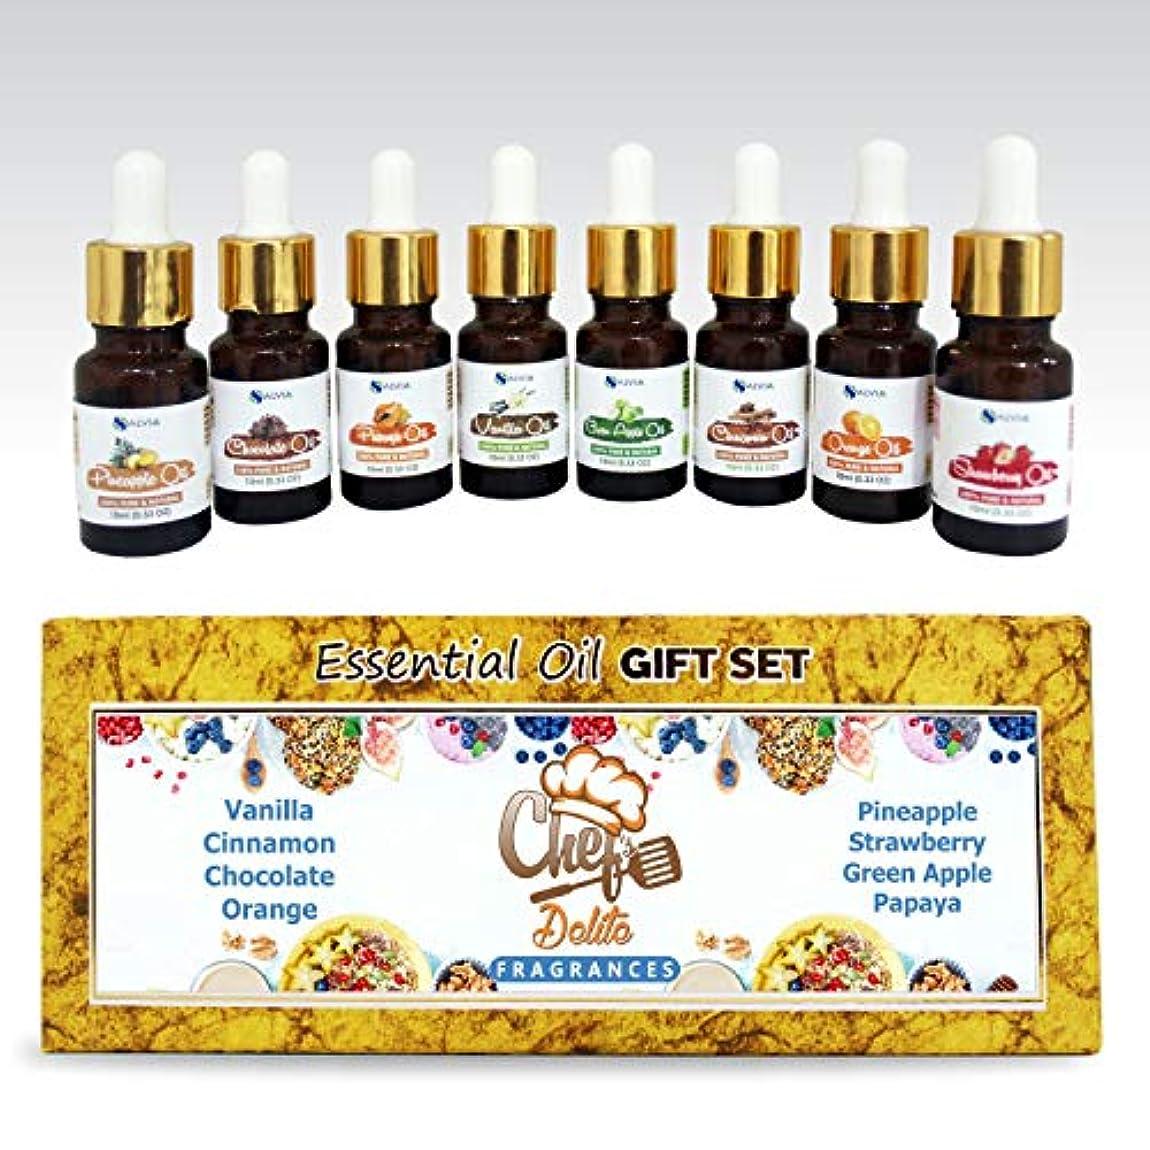 続ける居眠りするインスタンスAromatherapy Fragrance Oils 100% Natural Therapeutic Essential Oils 10ml each (Vanilla, Cinnamon, Chocolate, Orange...